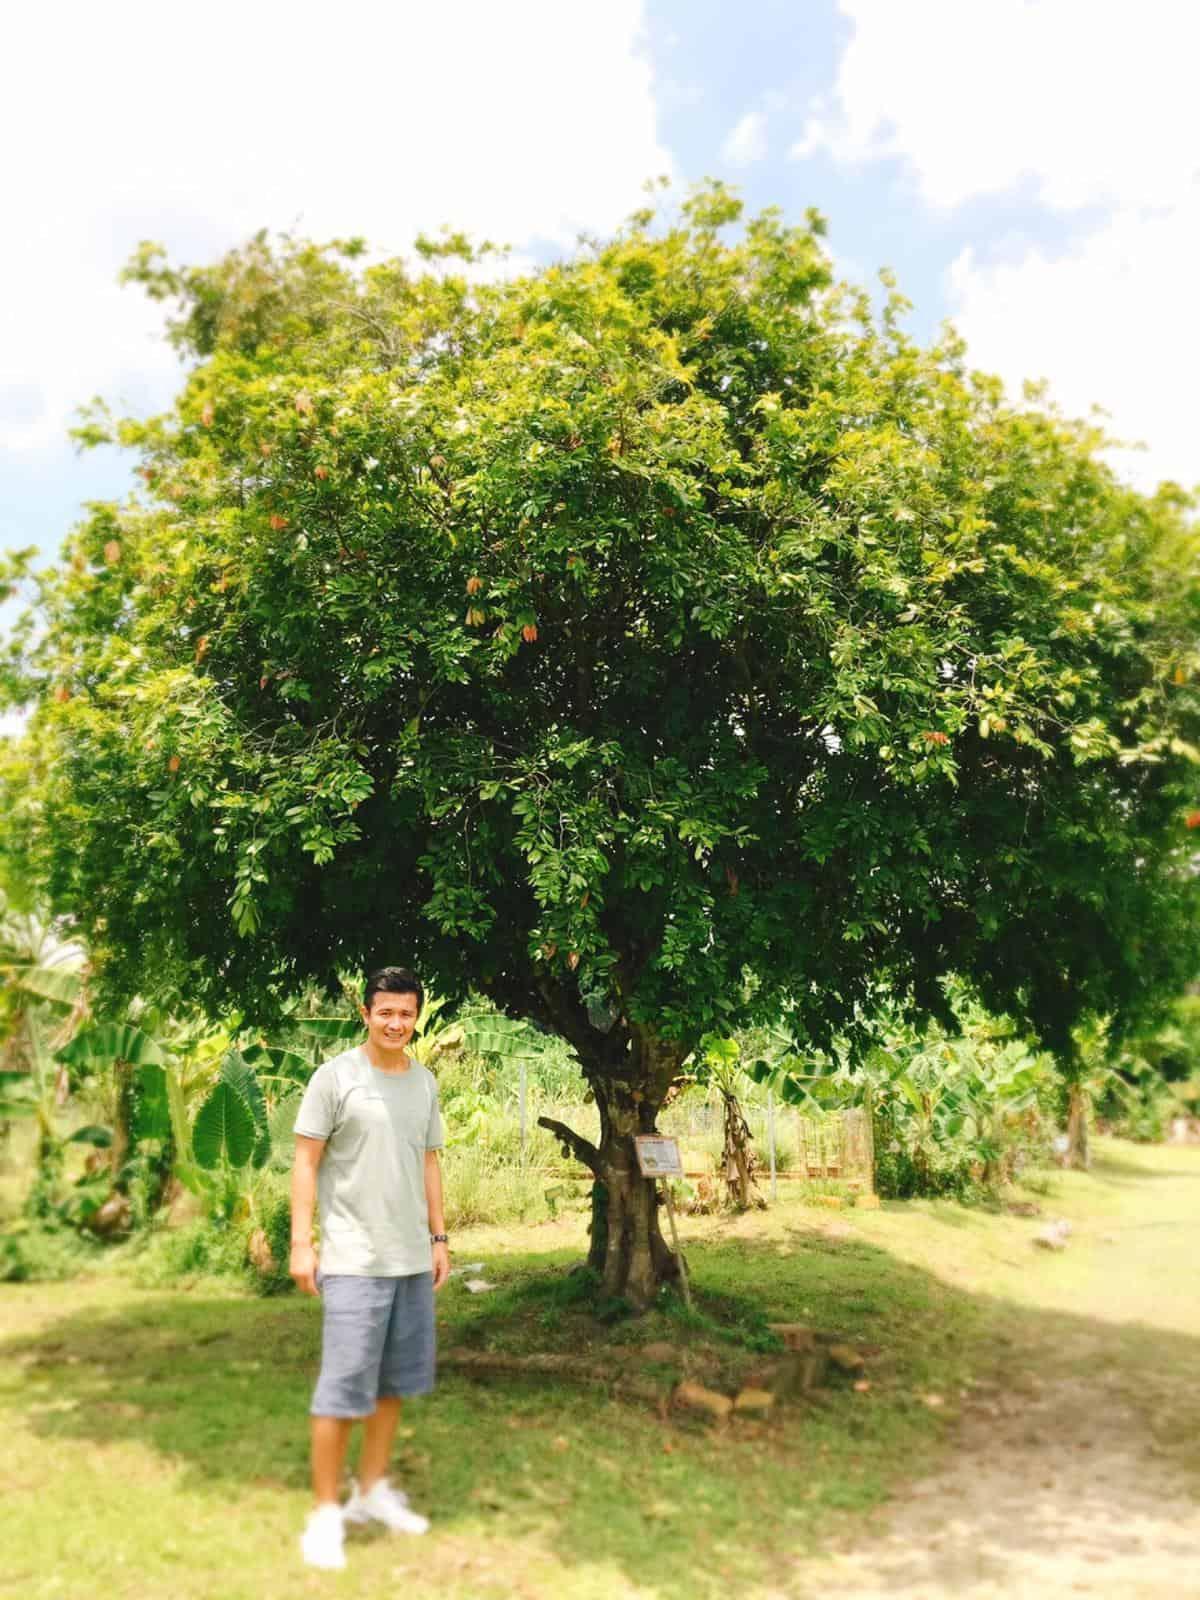 NamNam Fruit 3